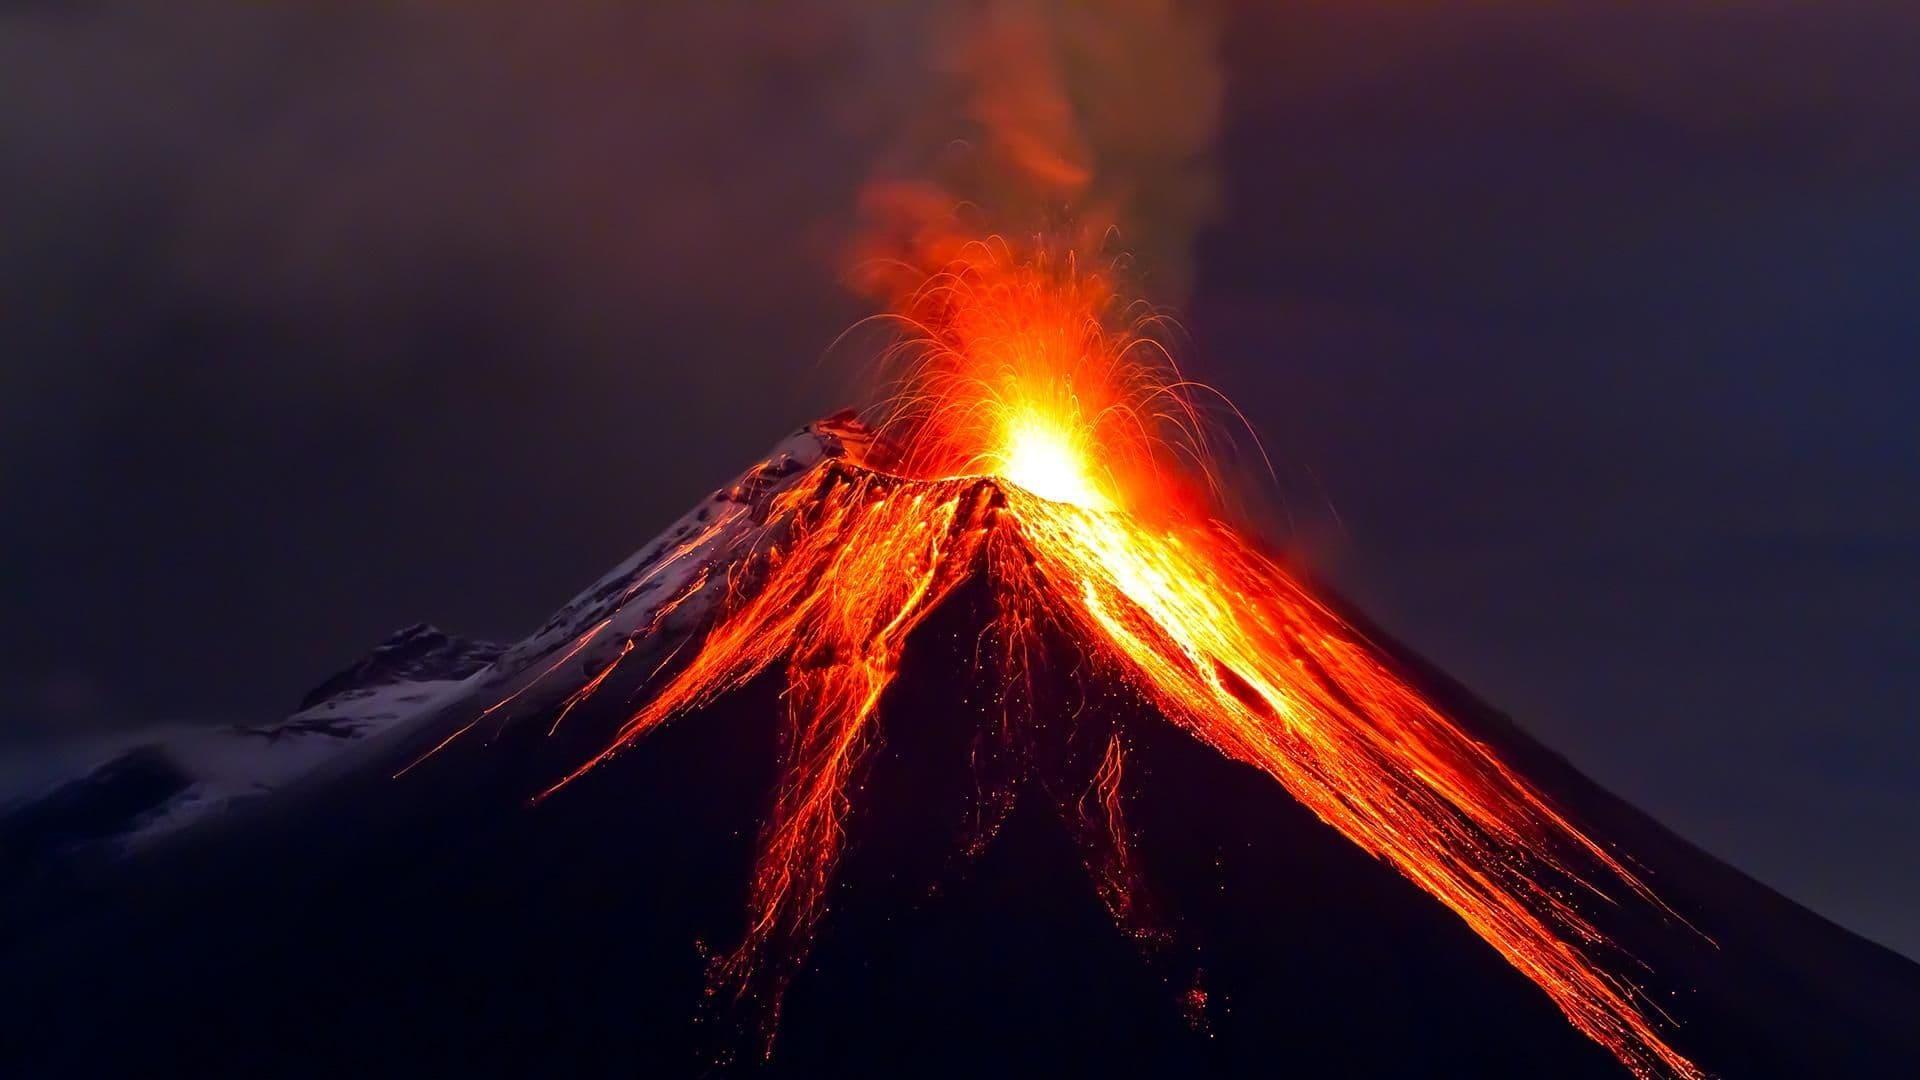 volcano dream meaning, dream about volcano, volcano dream interpretation, seeing in a dream volkano